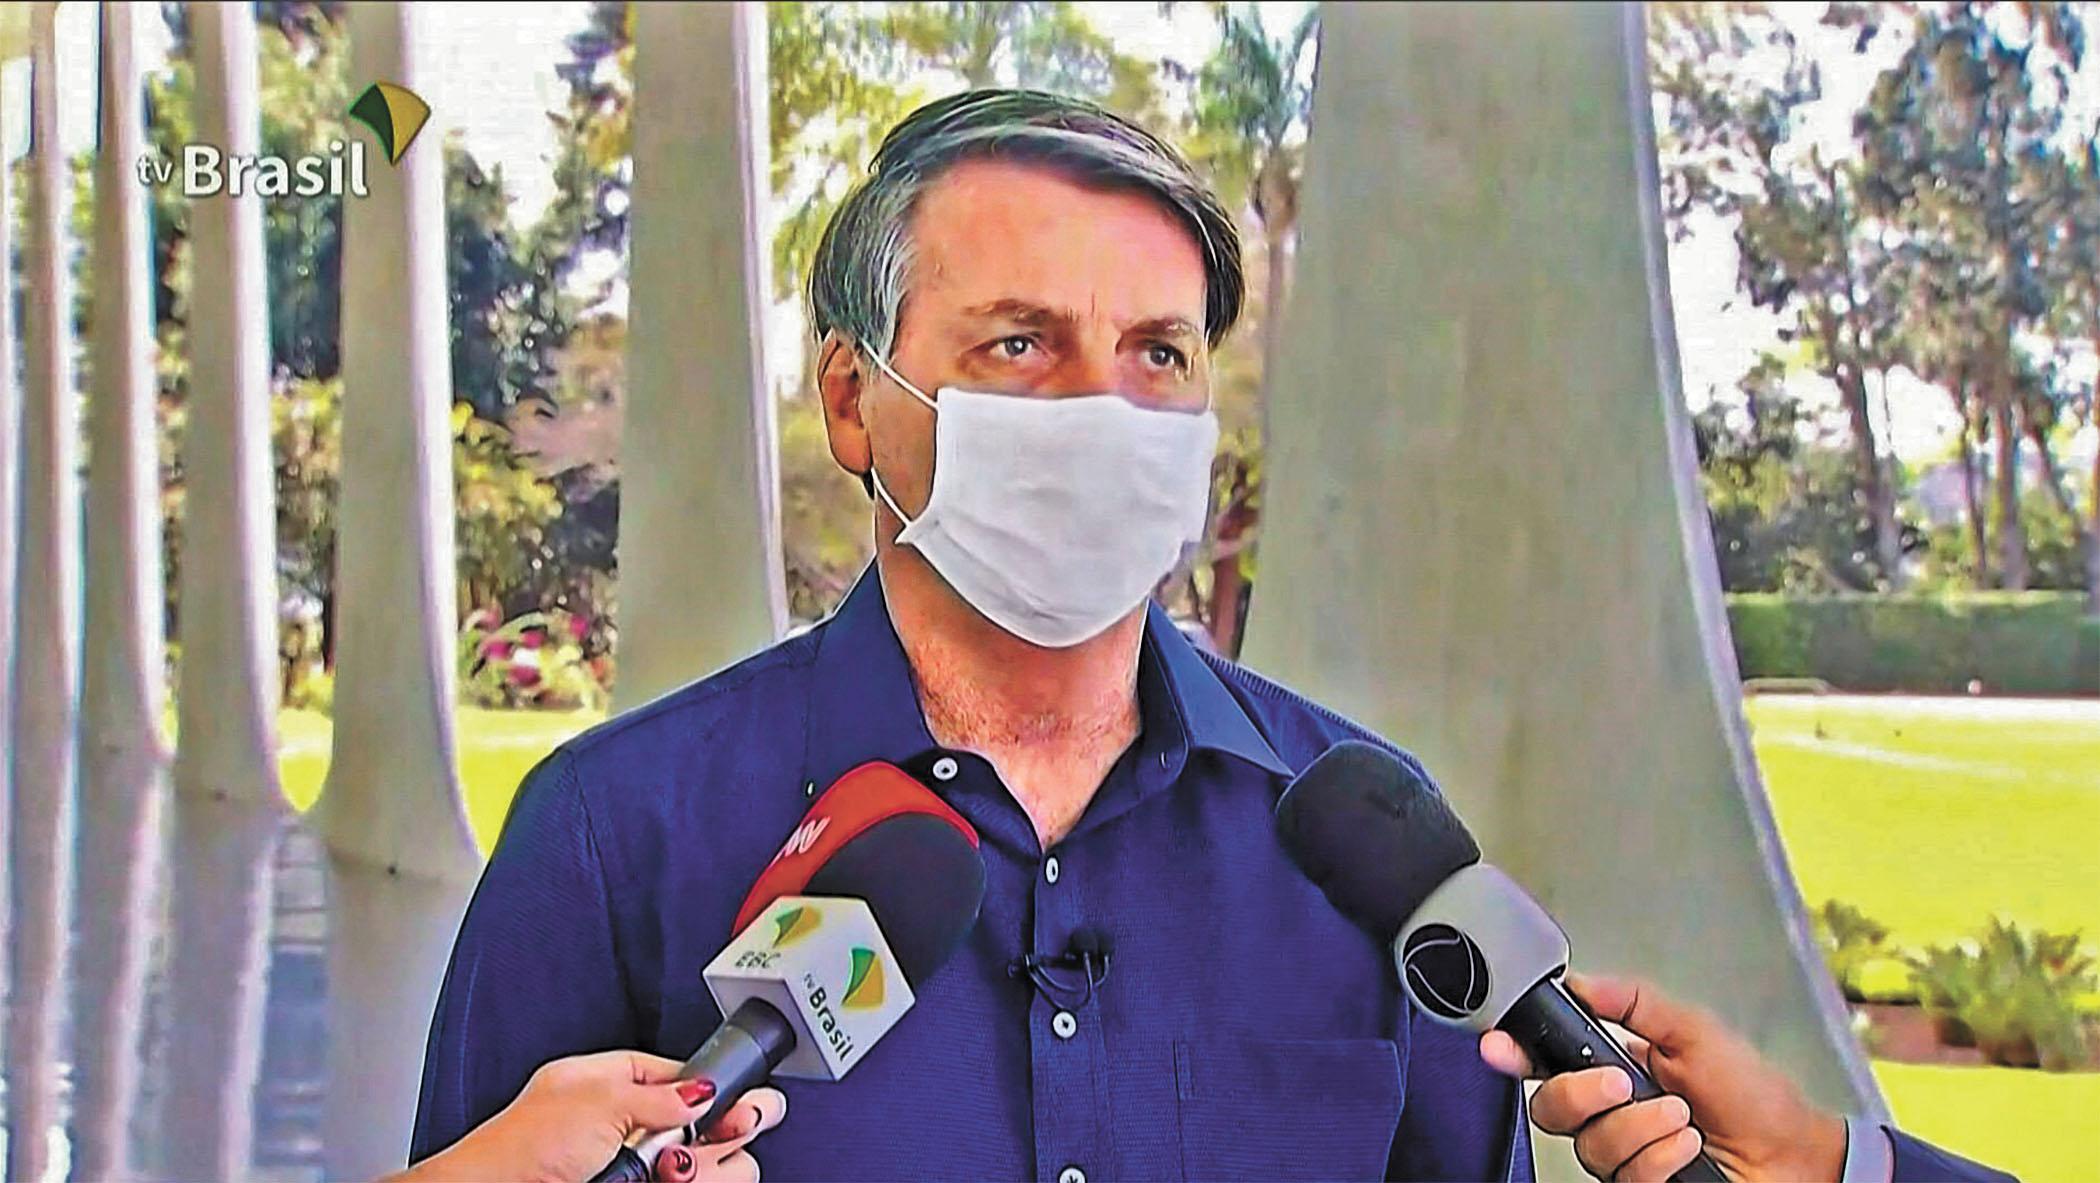 巴西總統在採訪中承認自己感染新冠病毒,正說著話突然後退並摘掉口罩。法新社/網上圖片